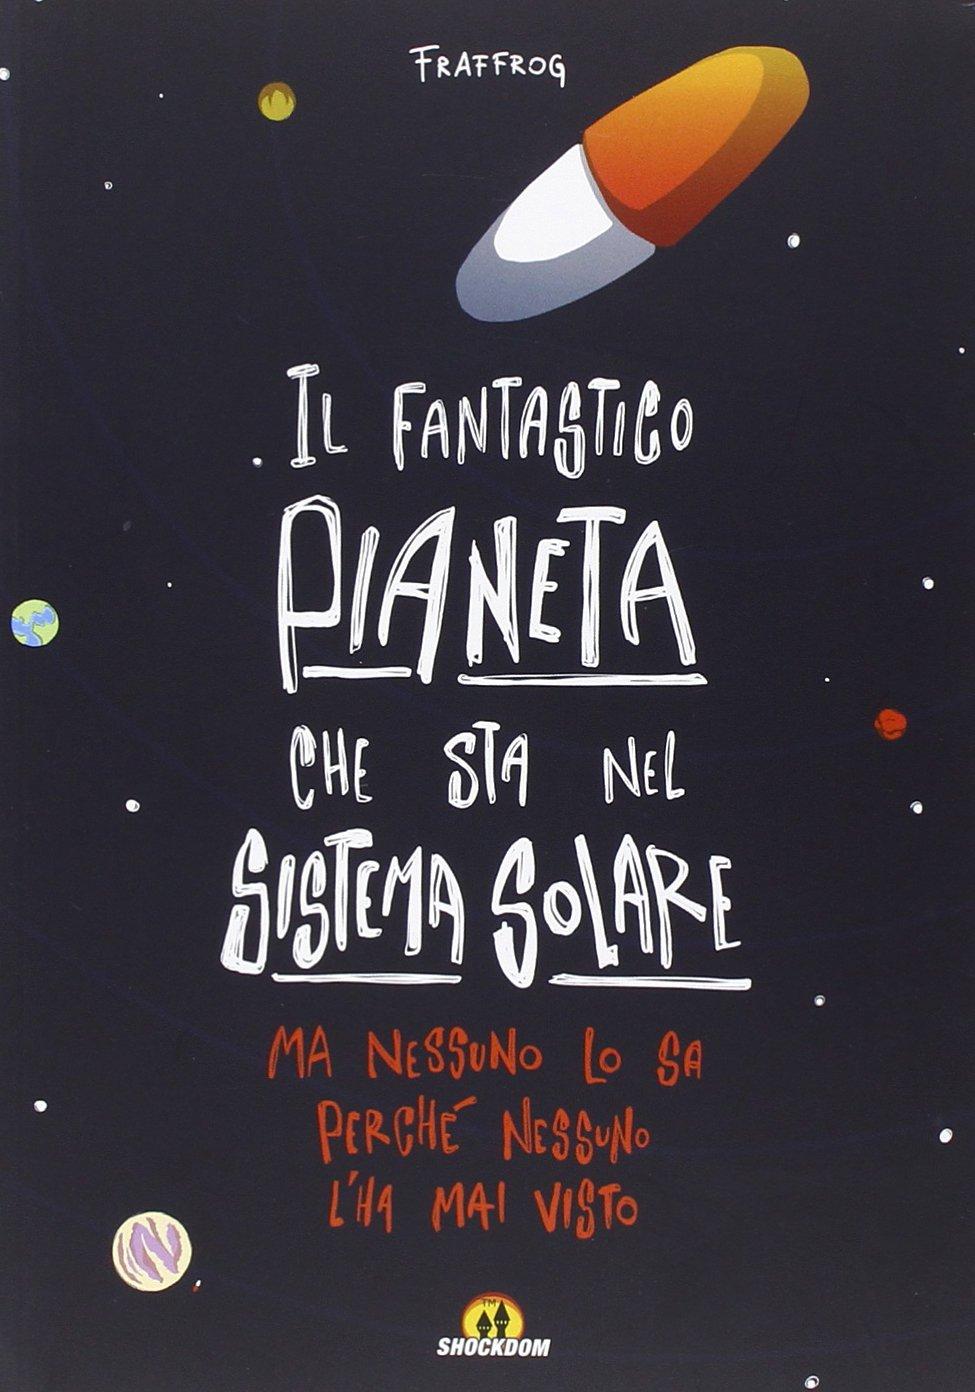 Il fantastico pianeta che sta nel sistema solare